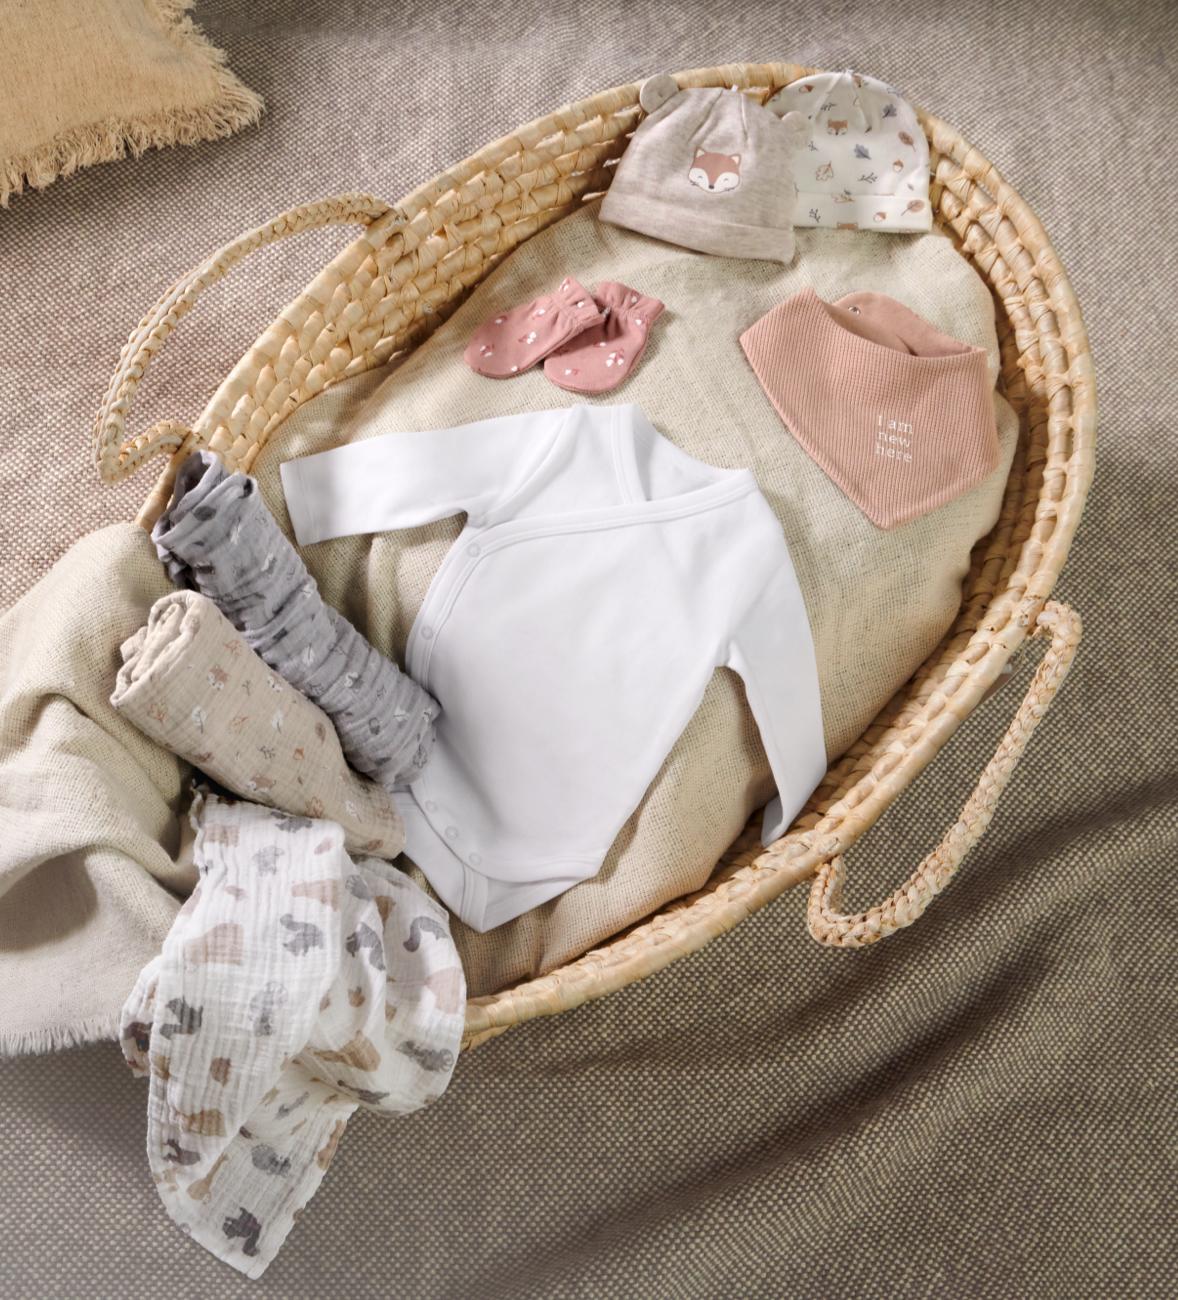 Layettes pour bébé - Body, grenouillère, gigoteuse et autres vêtements pour bébé